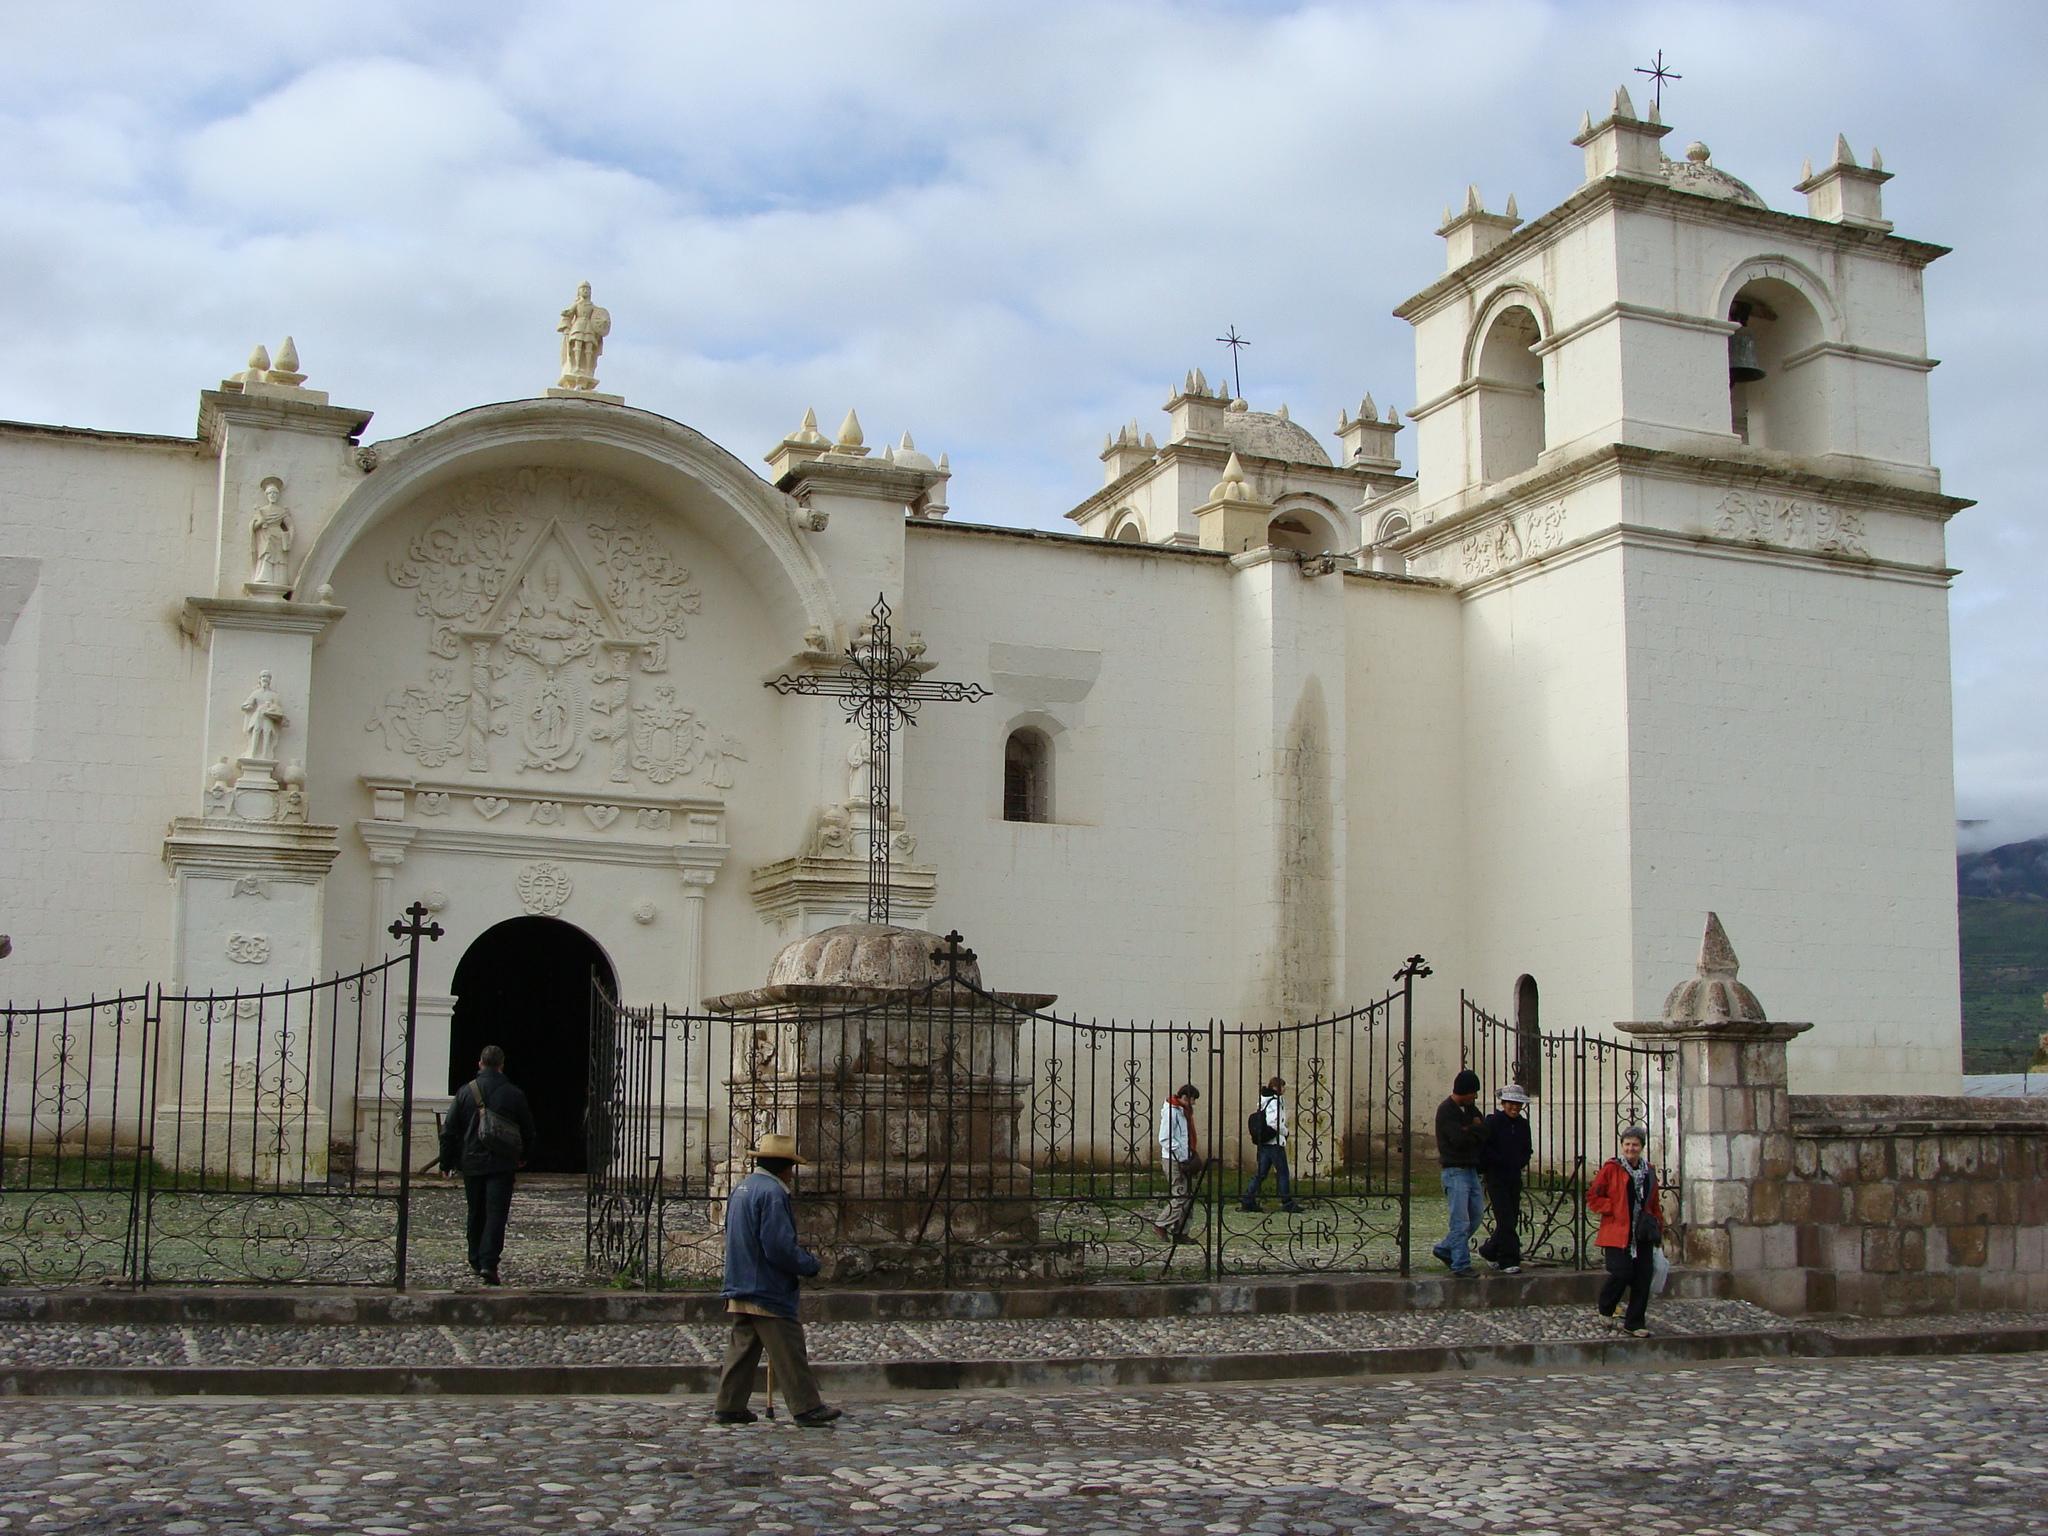 Coparaci - kostel Tempo de Yanque dne 19. 2. 2012 7:14